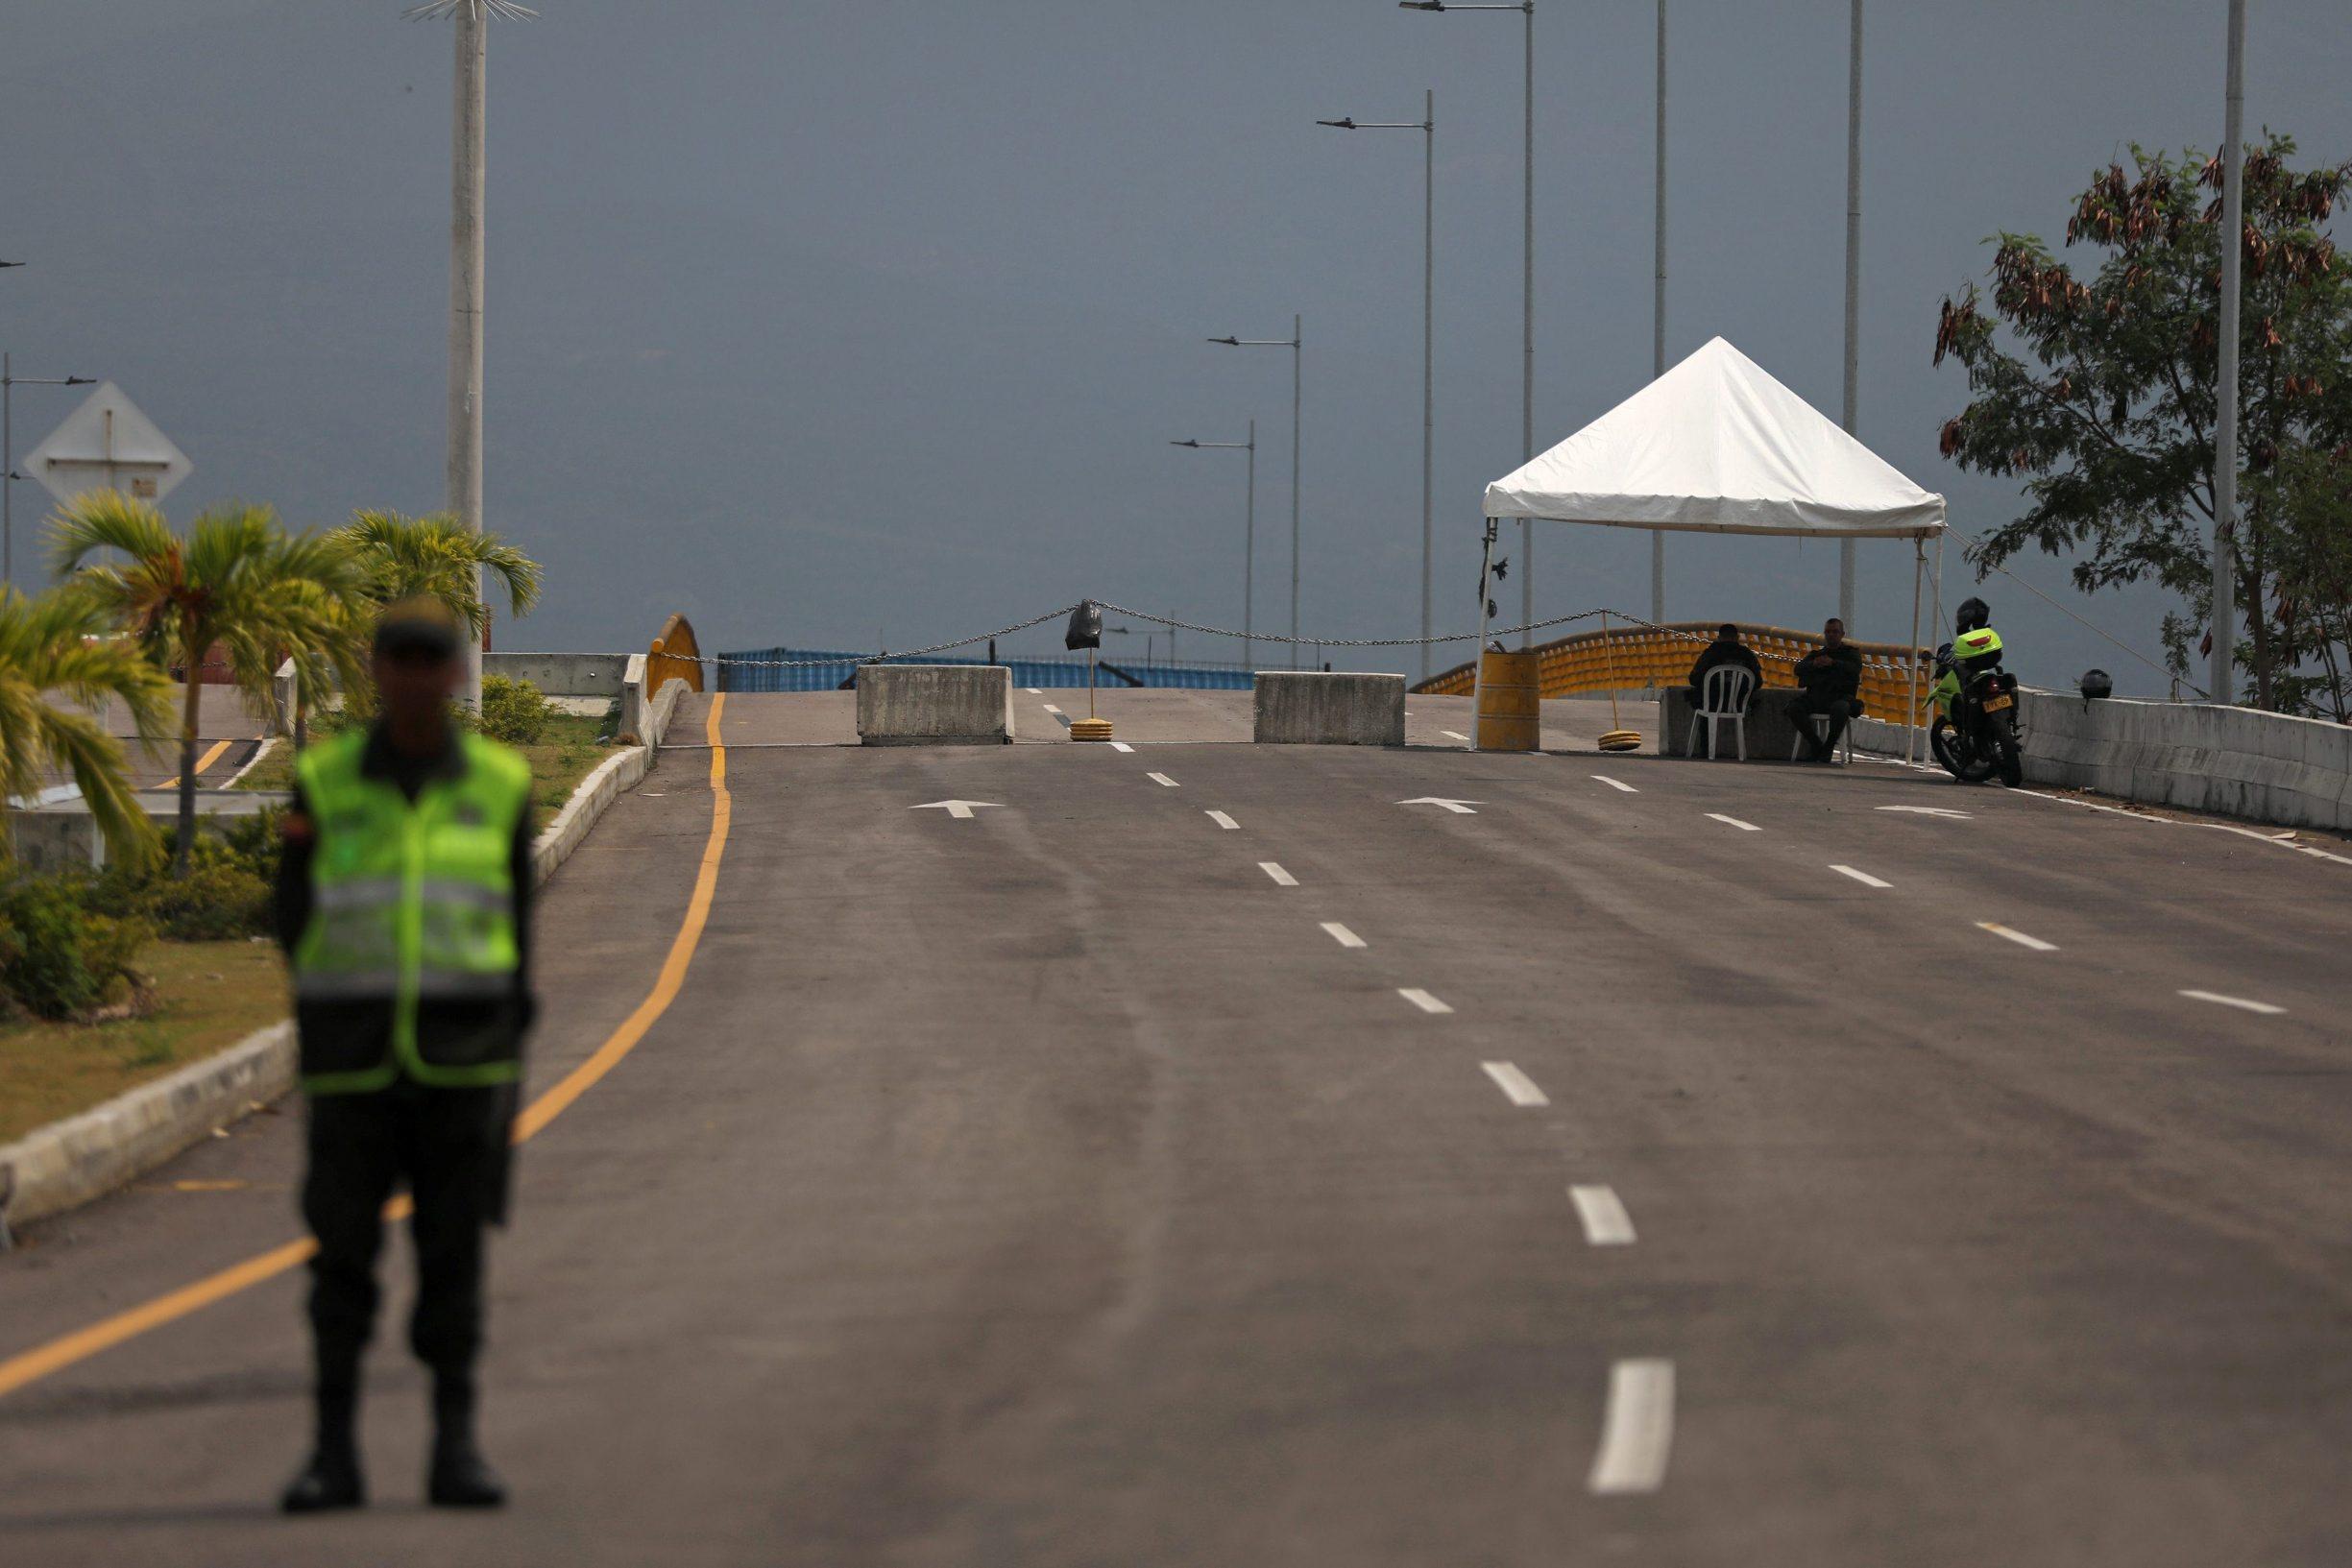 Ilustracija: granica između Kolumbije i Venezuele